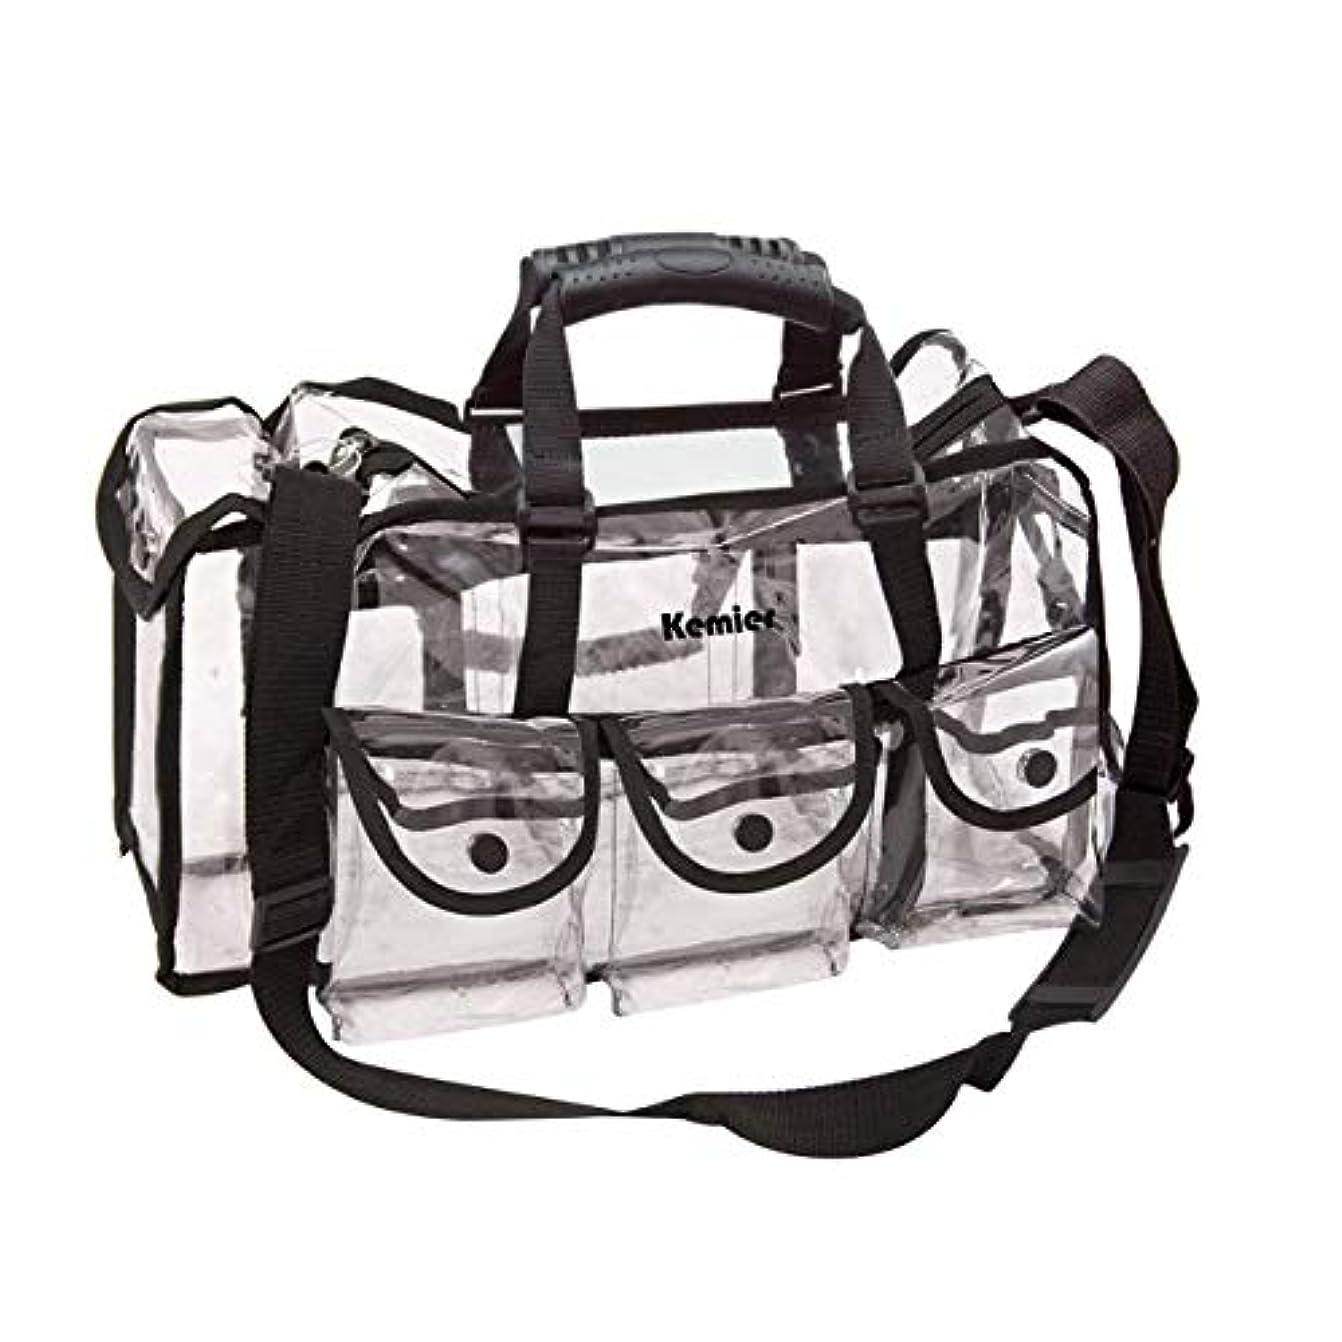 会員移動する原稿Kemier 透明 ハンドバッグ 機能的 コスメポーチ メイクポーチ メイクケース 小物入れ 化粧道具 整理整頓 軽量 防水 旅行 小物入れ 6つの外側ポケット付き